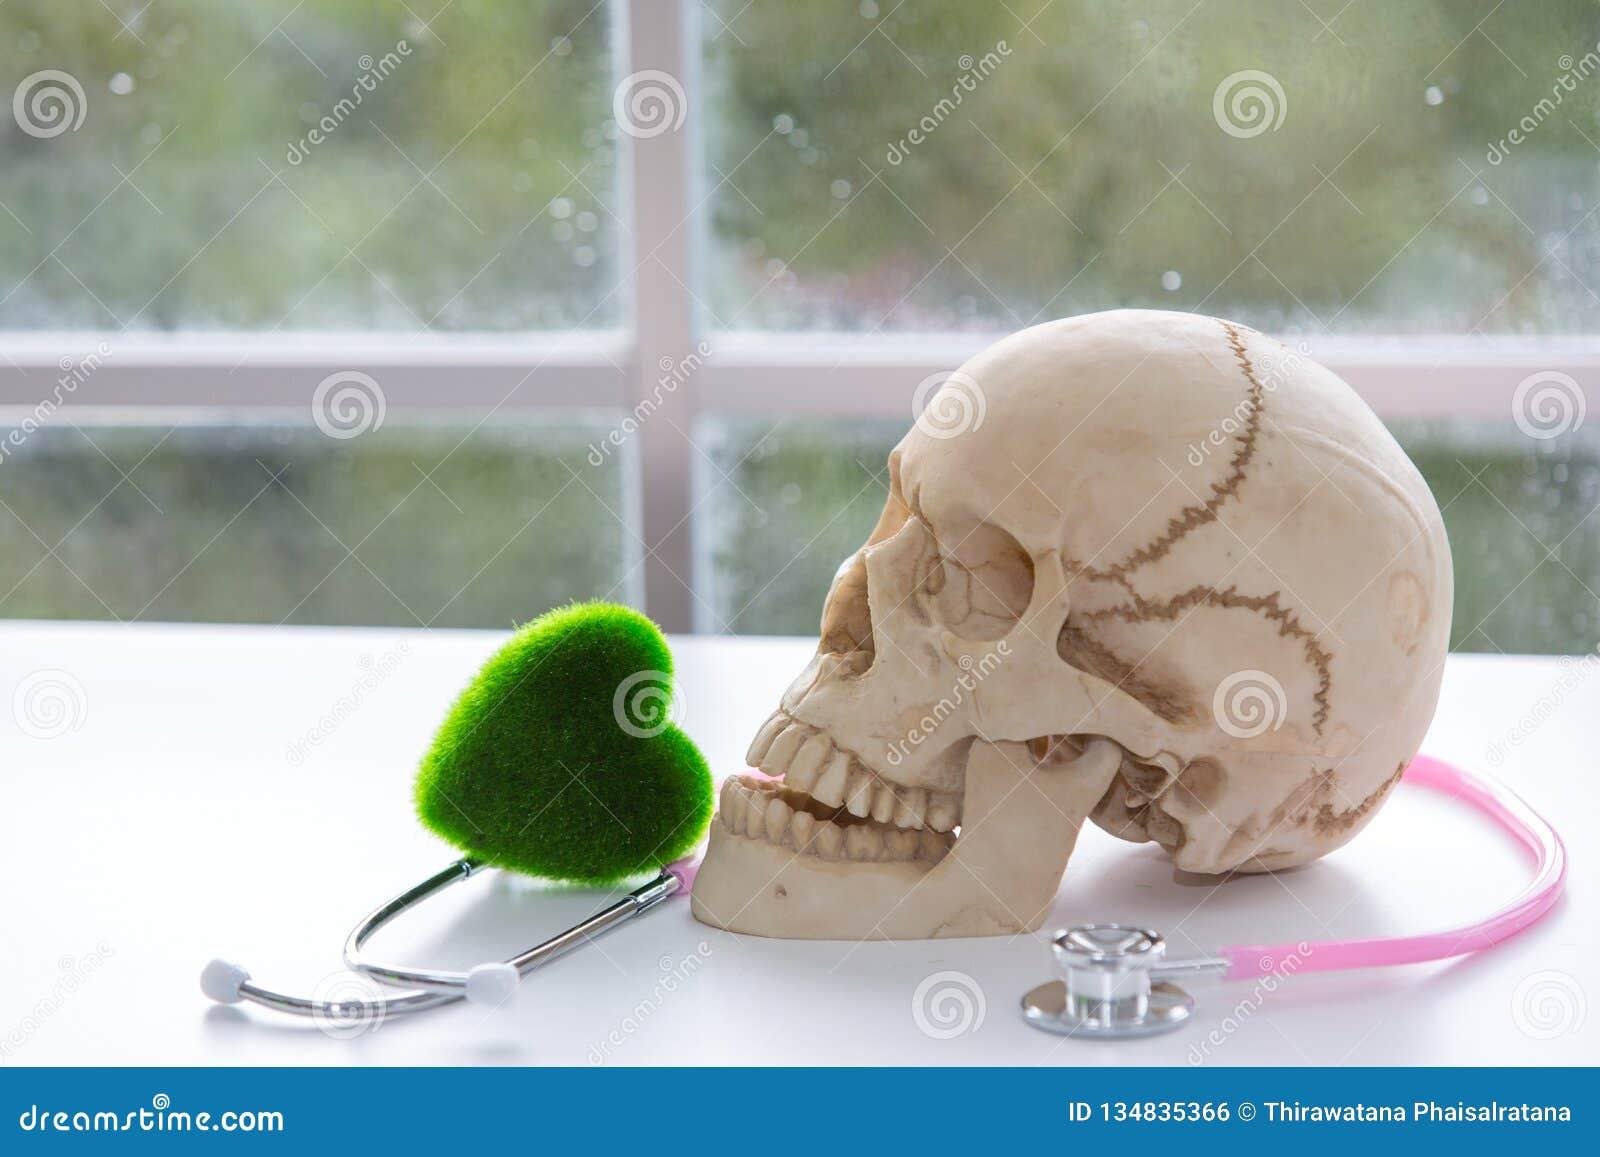 Abuso de substâncias prejudicial O foco está na seringa Crânio e estetoscópio estetoscópio e coração verde Os cientistas experime